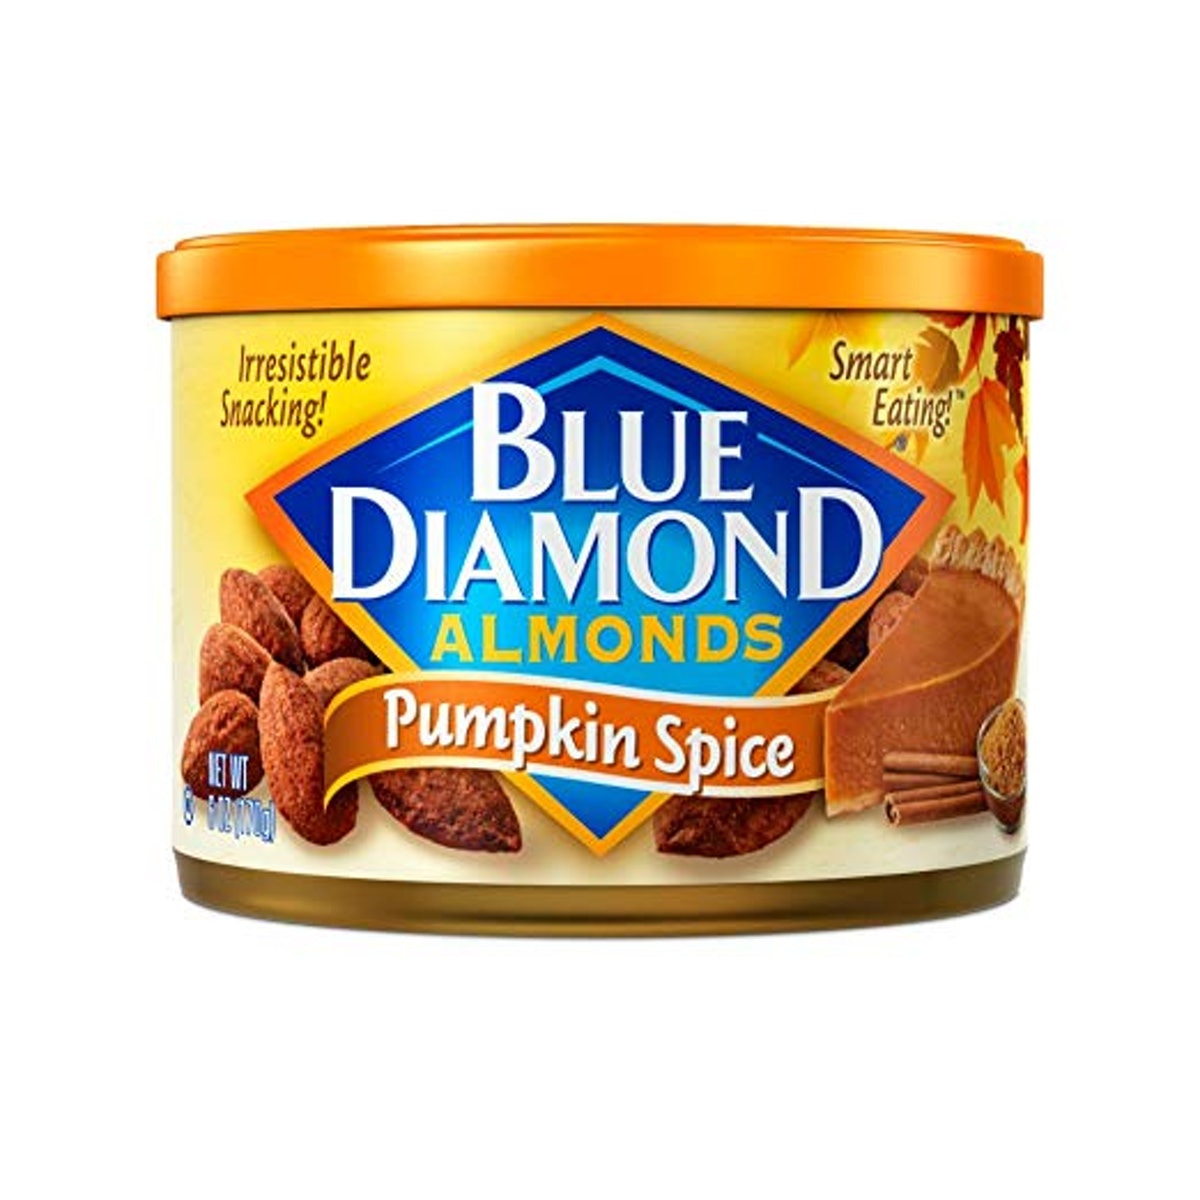 Blue Diamond Almonds, Pumpkin Spice